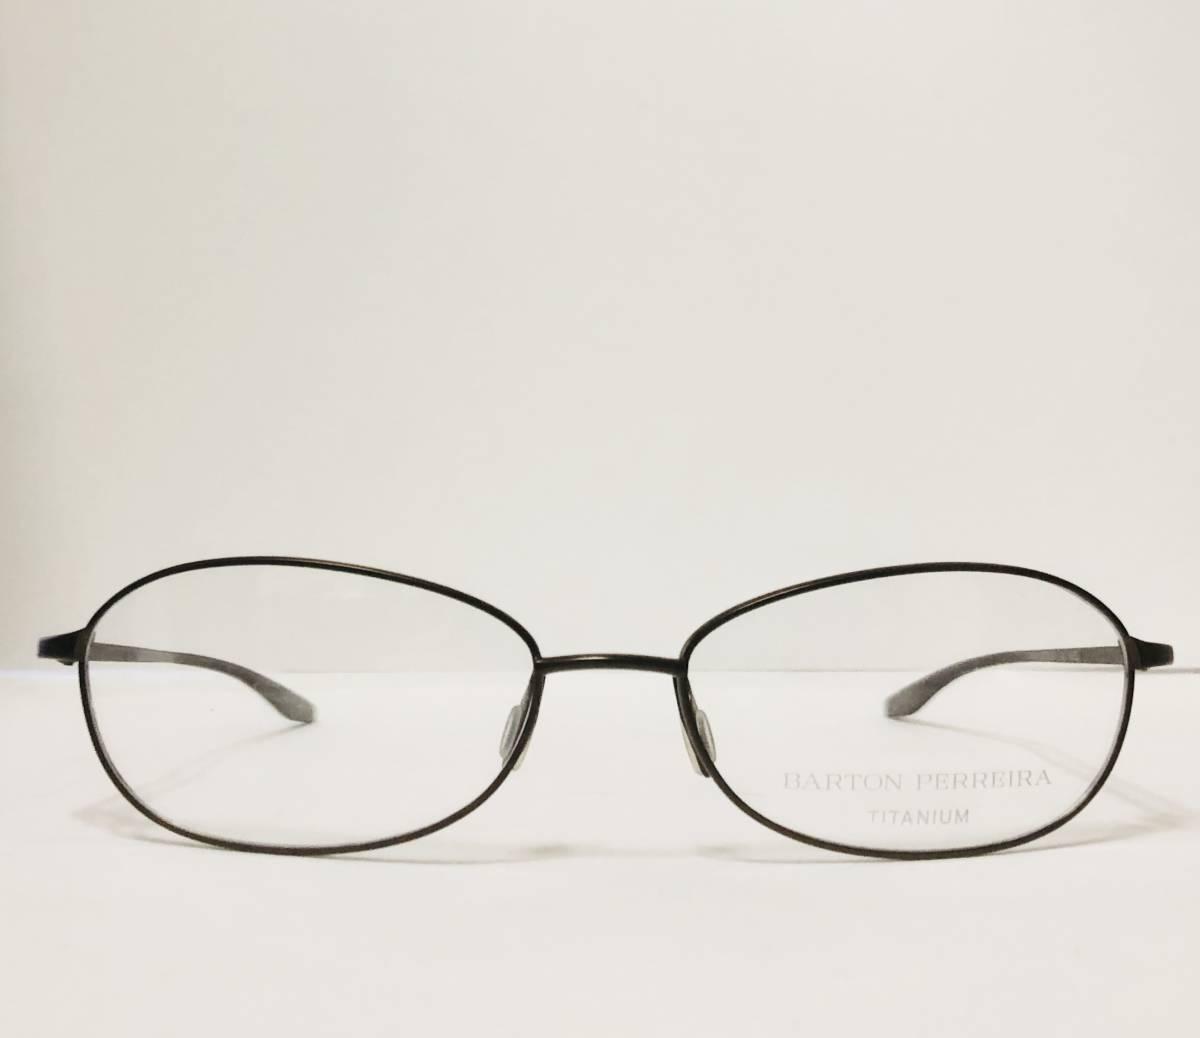 定価 42,500円 バートンペレイラ ヘイゼル チタン製 日本製 黒小金色 Barton Perreira メガネ 米国ブランド_画像2